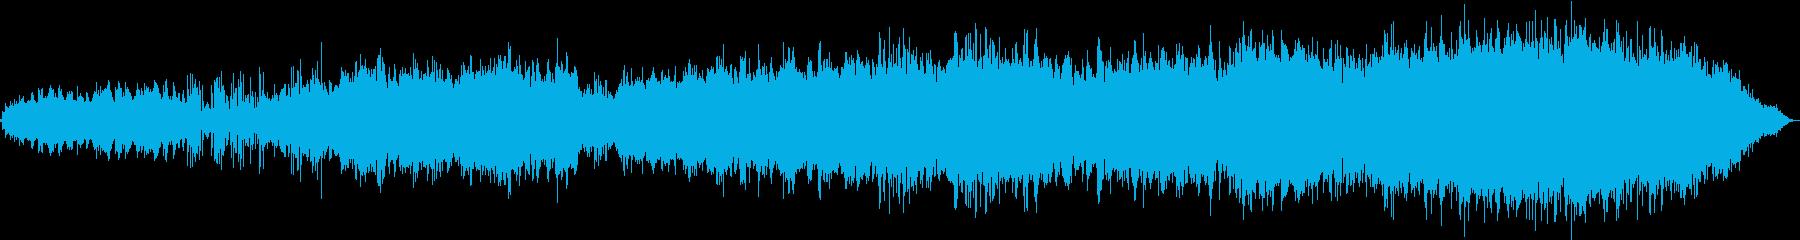 中国、東洋的な雰囲気のBGMの再生済みの波形